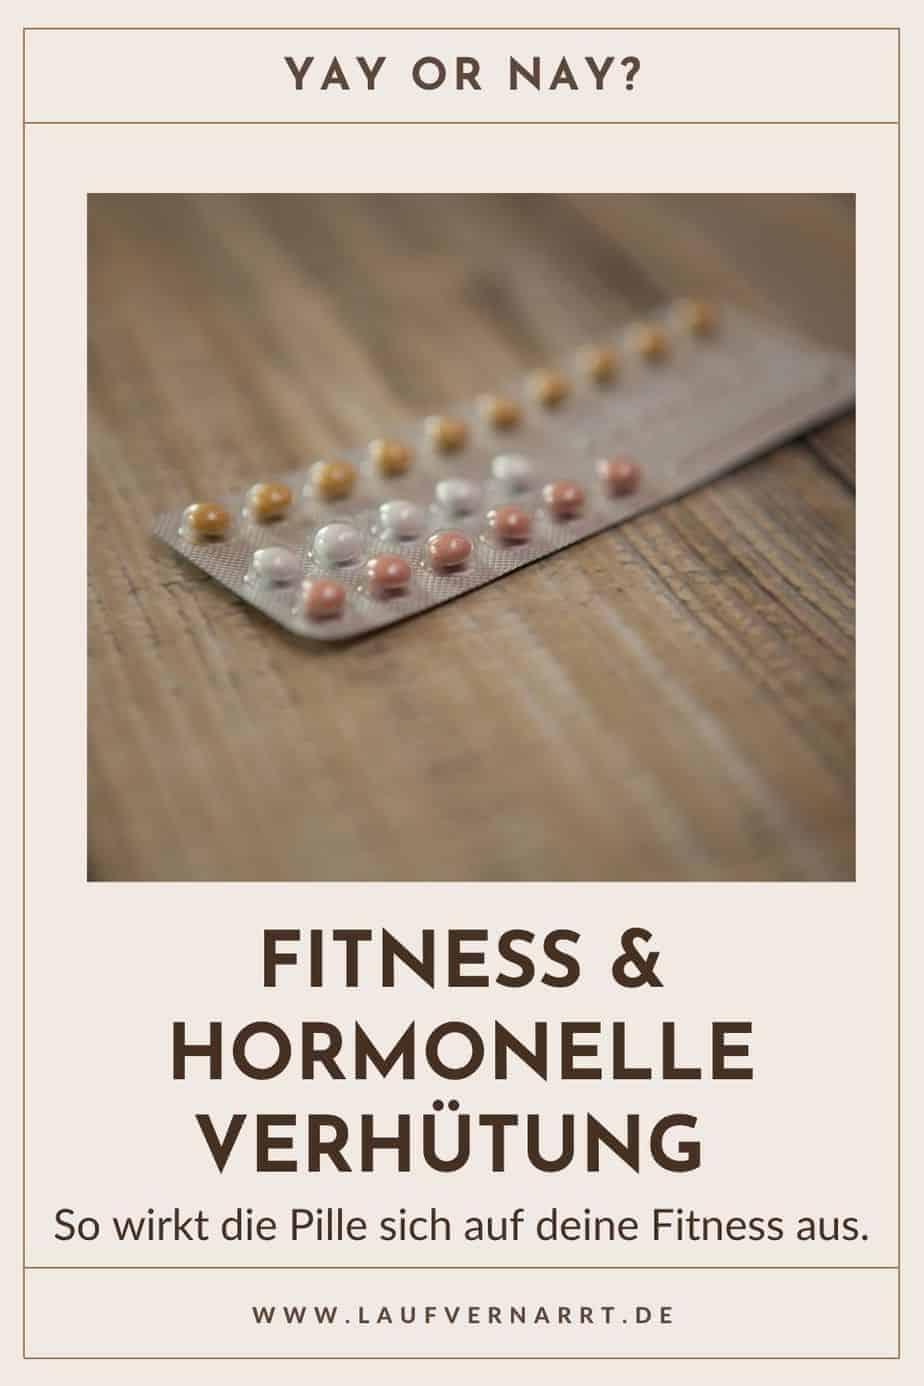 Passen die Pille und Fitness zusammen? Wie wirken eigentlich hormonelle Verhütungsmittel auf deine körperlicher und mentale Fitness? Alles, was du über Hormone, Verhütung und Training wissen solltest.